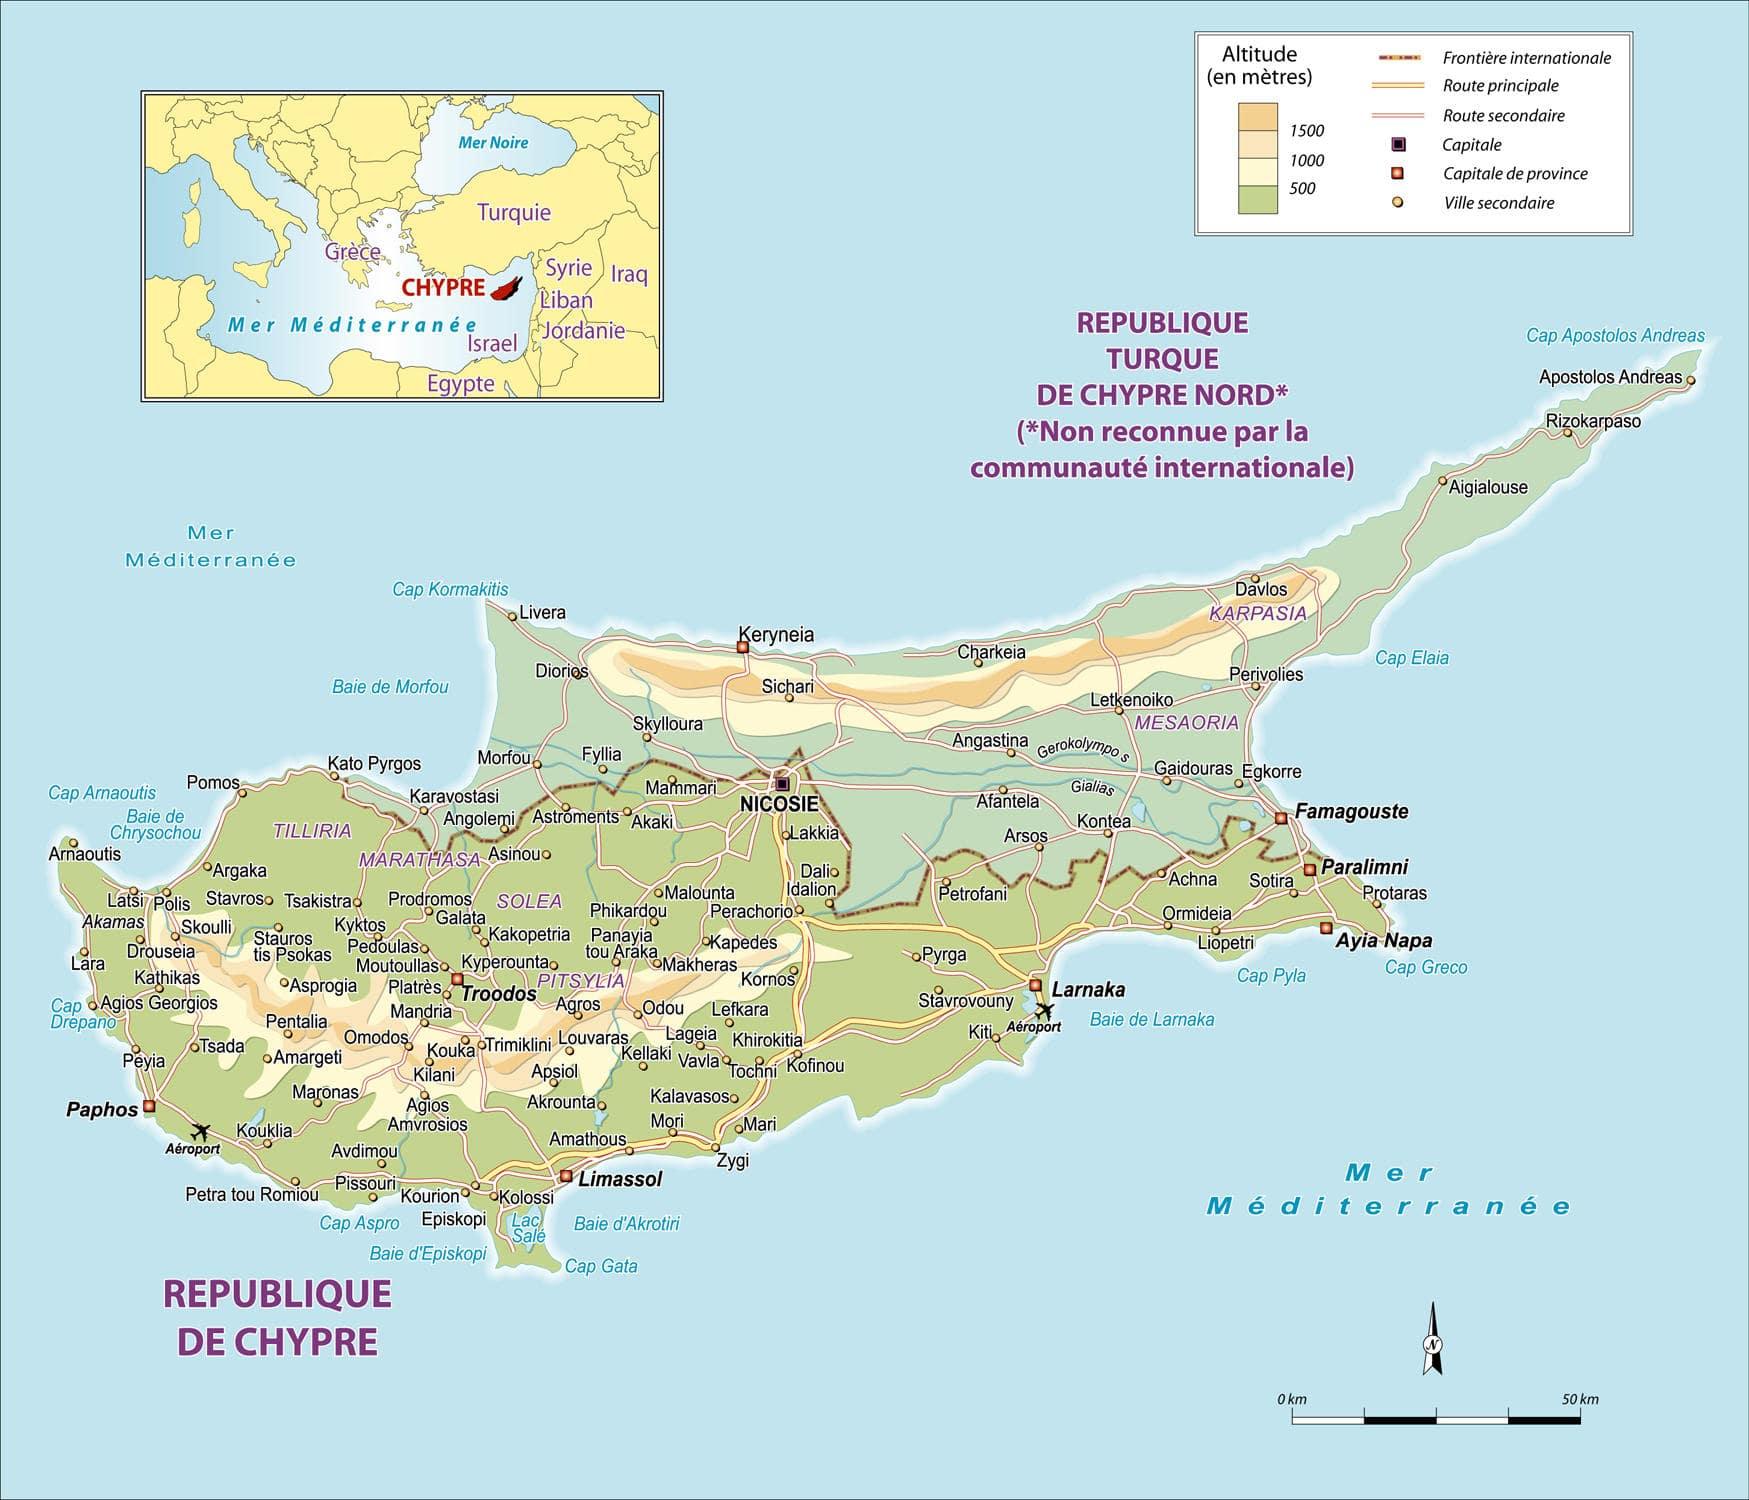 Chypre Carte Touristique.Cartograf Fr Les Pays Chypre